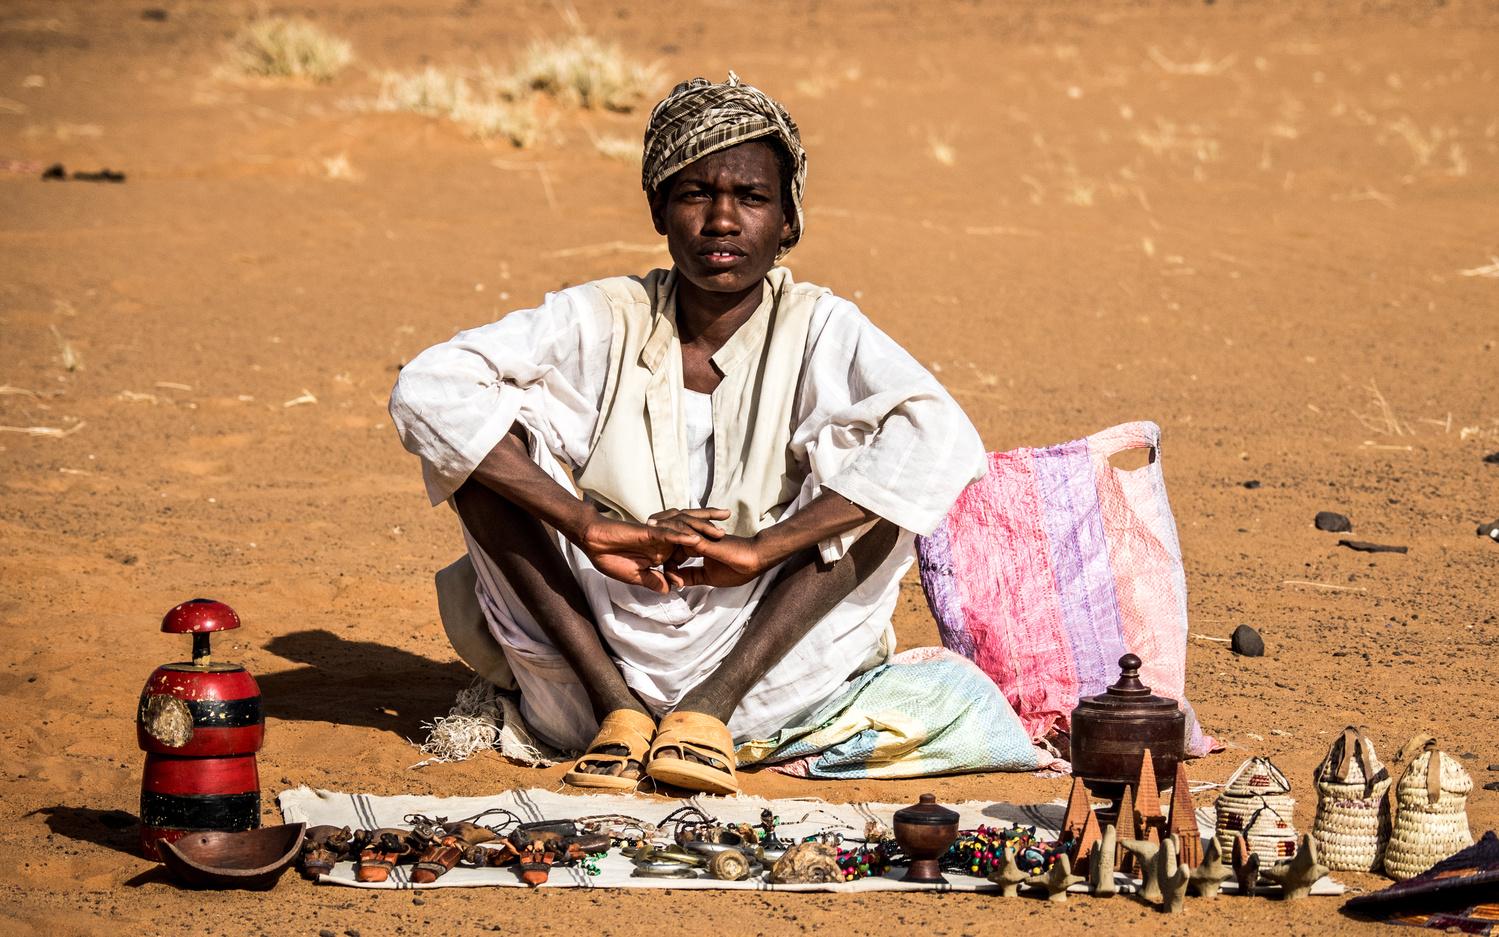 Vendor, Meroe, Sudan by Daniel Simon